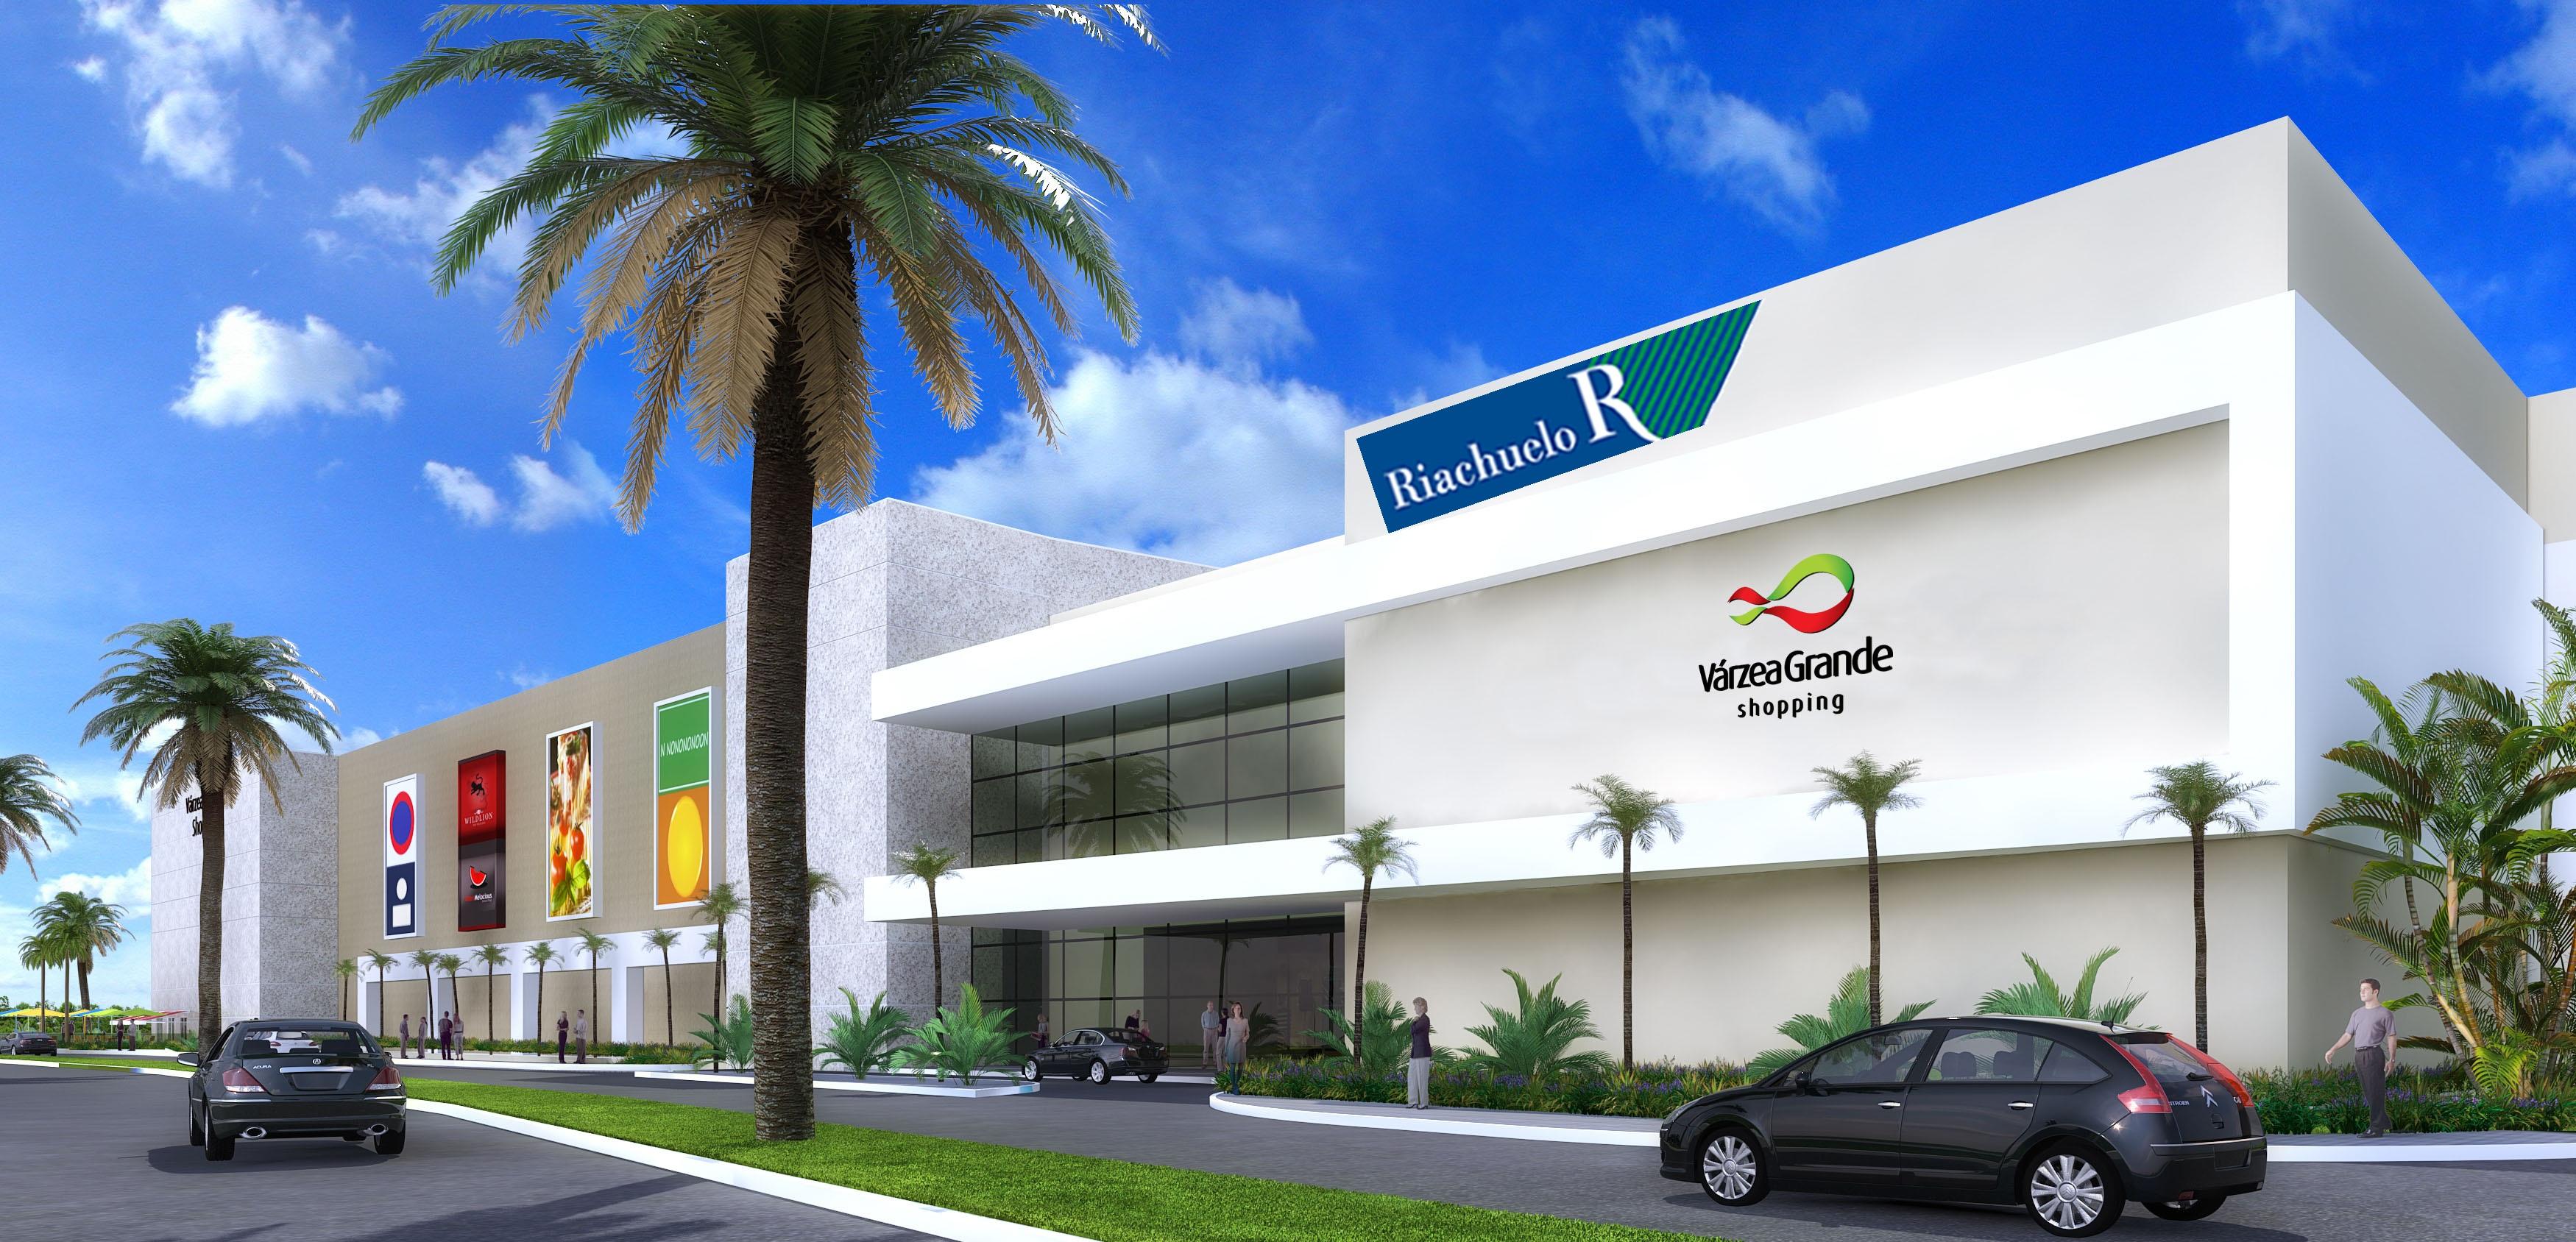 17be0bd777 ... processo seletivo para a inauguração da Riachuelo no Shopping Várzea  Grande. O grupo está investindo numa loja conceito das mais modernas do  Brasil.